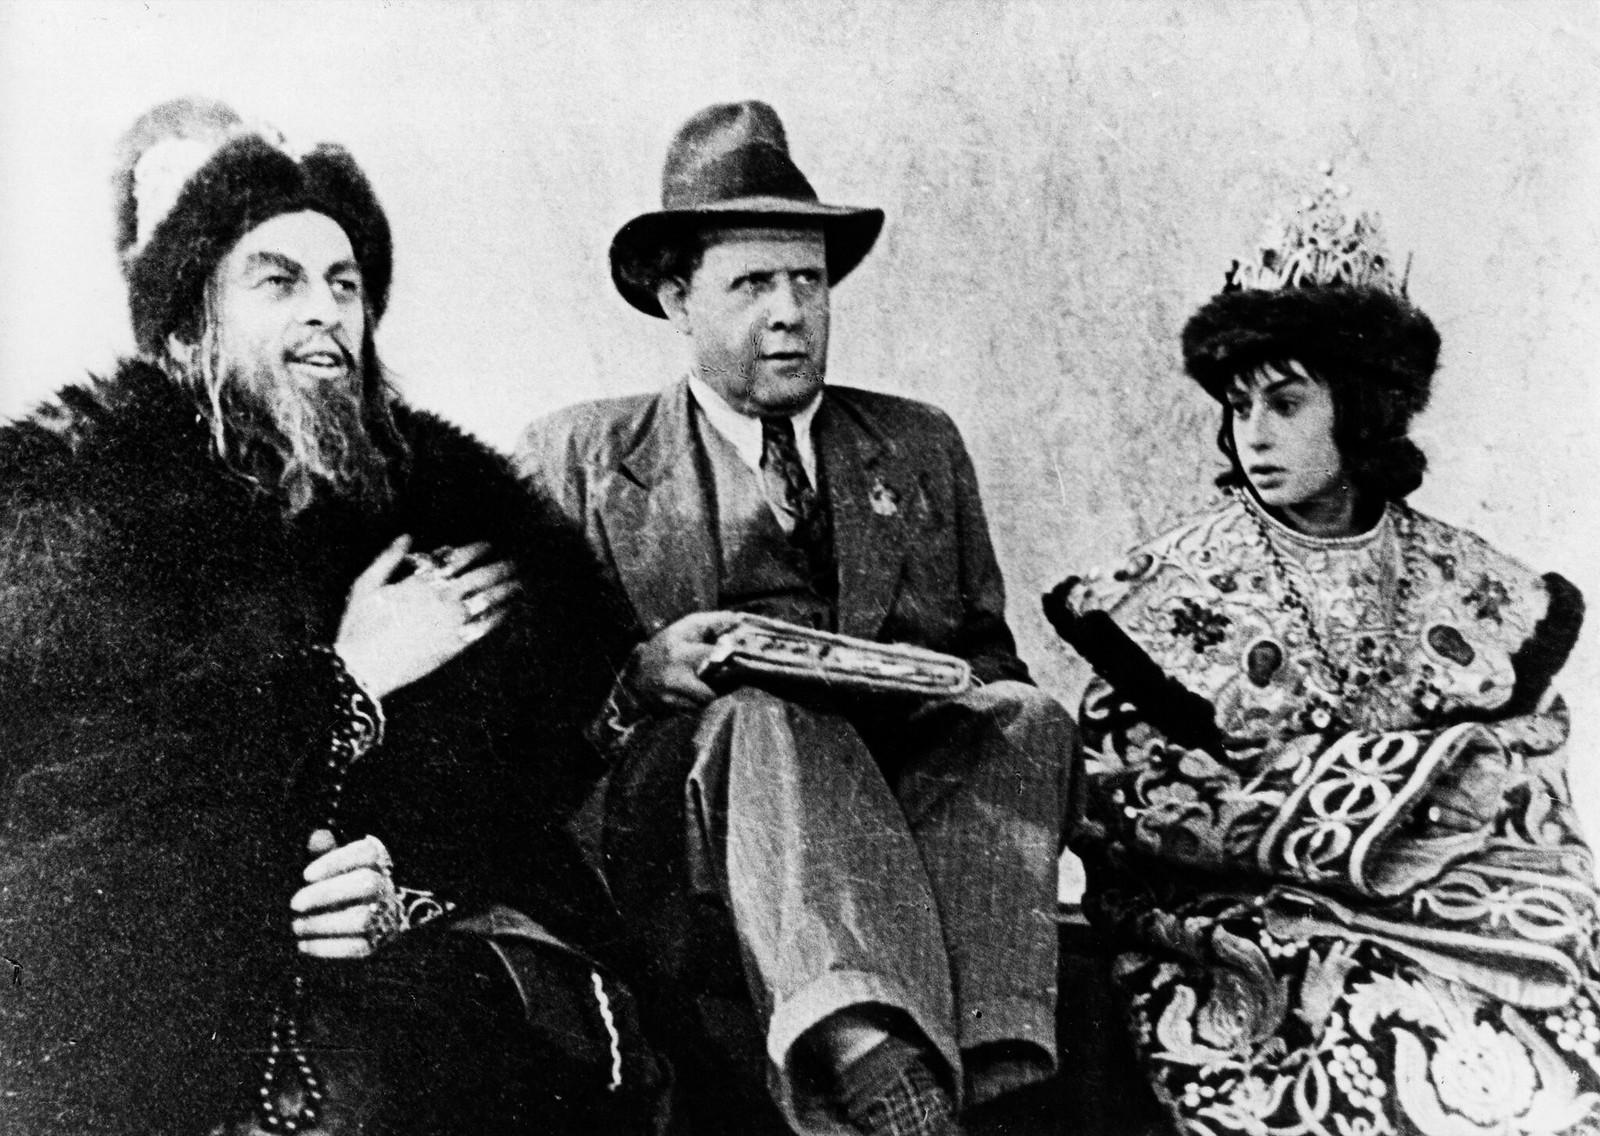 1942. Актер Н. Черкасов в роли Ивана Грозного с Сергеем Эйзенштейном